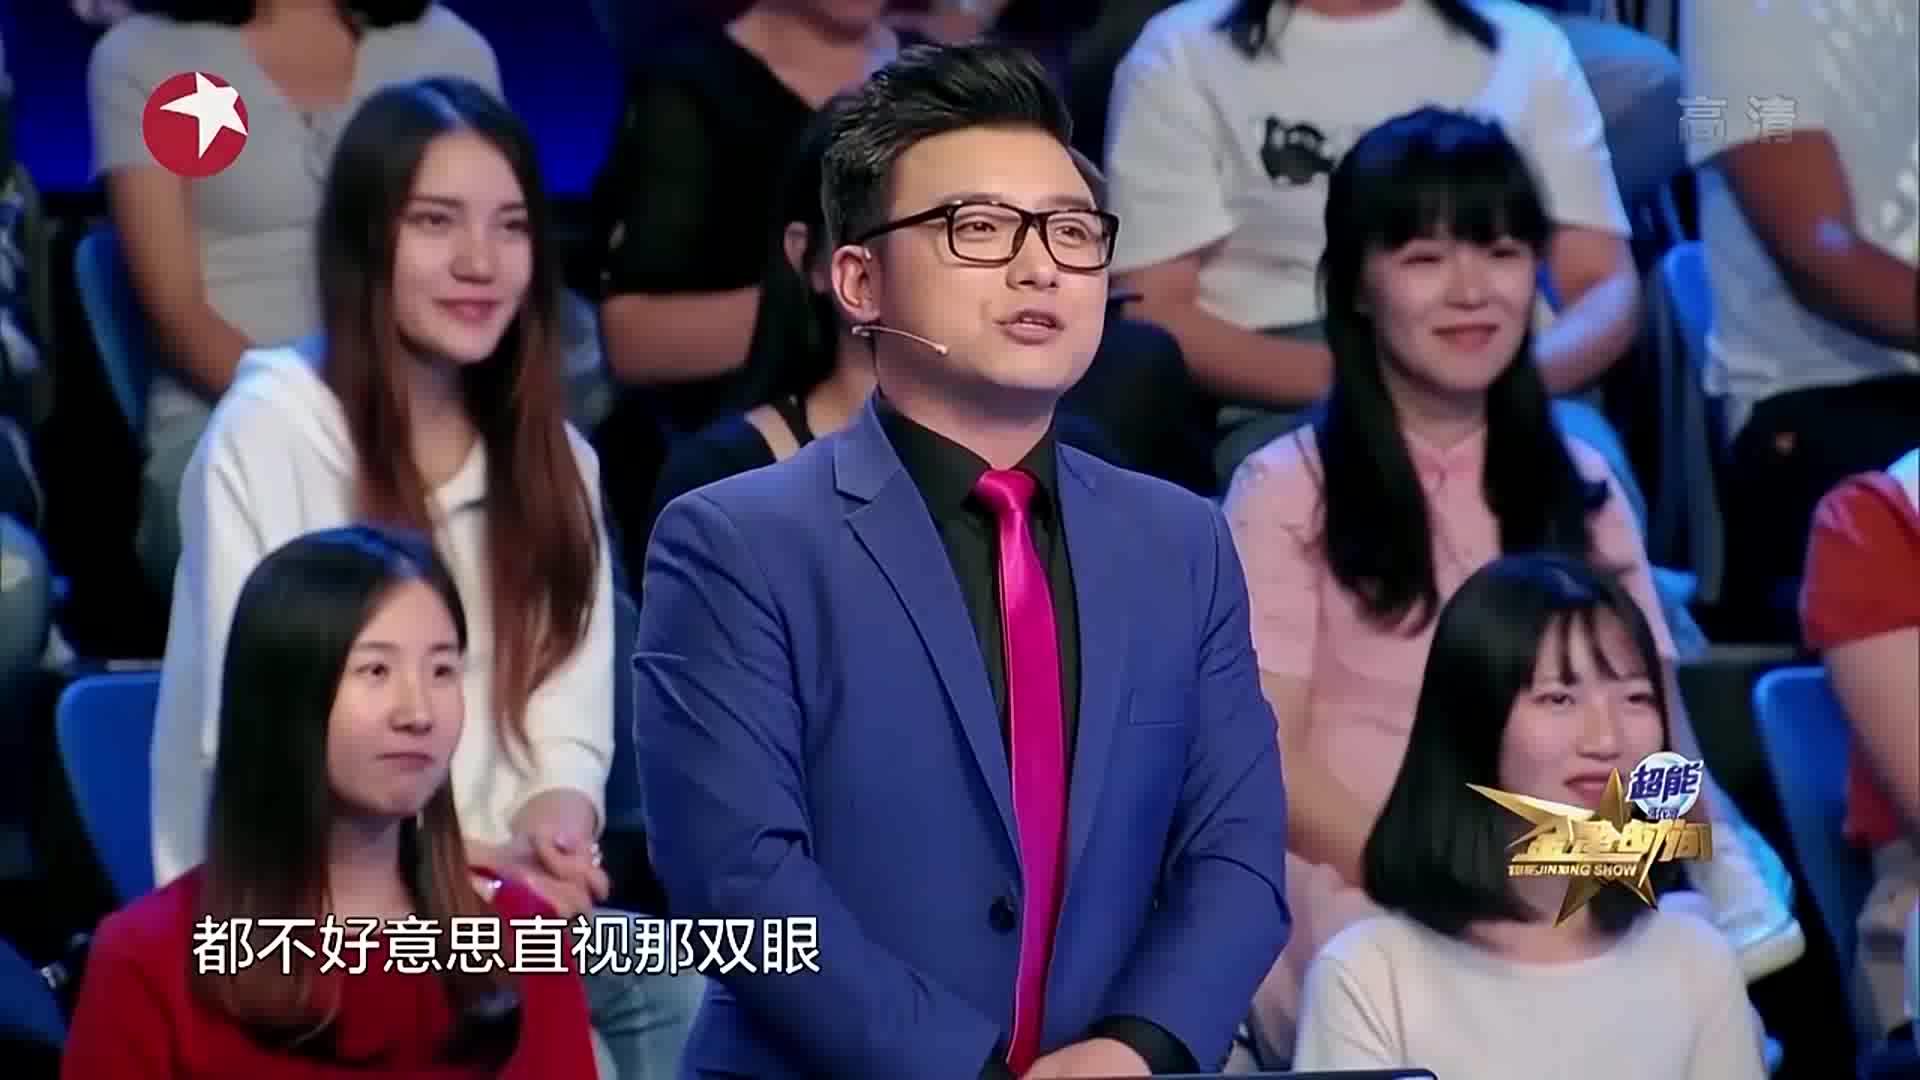 金星秀:爷爷给起名要殷杜鹃,幸好殷桃爸爸嫌吐,压根没答应